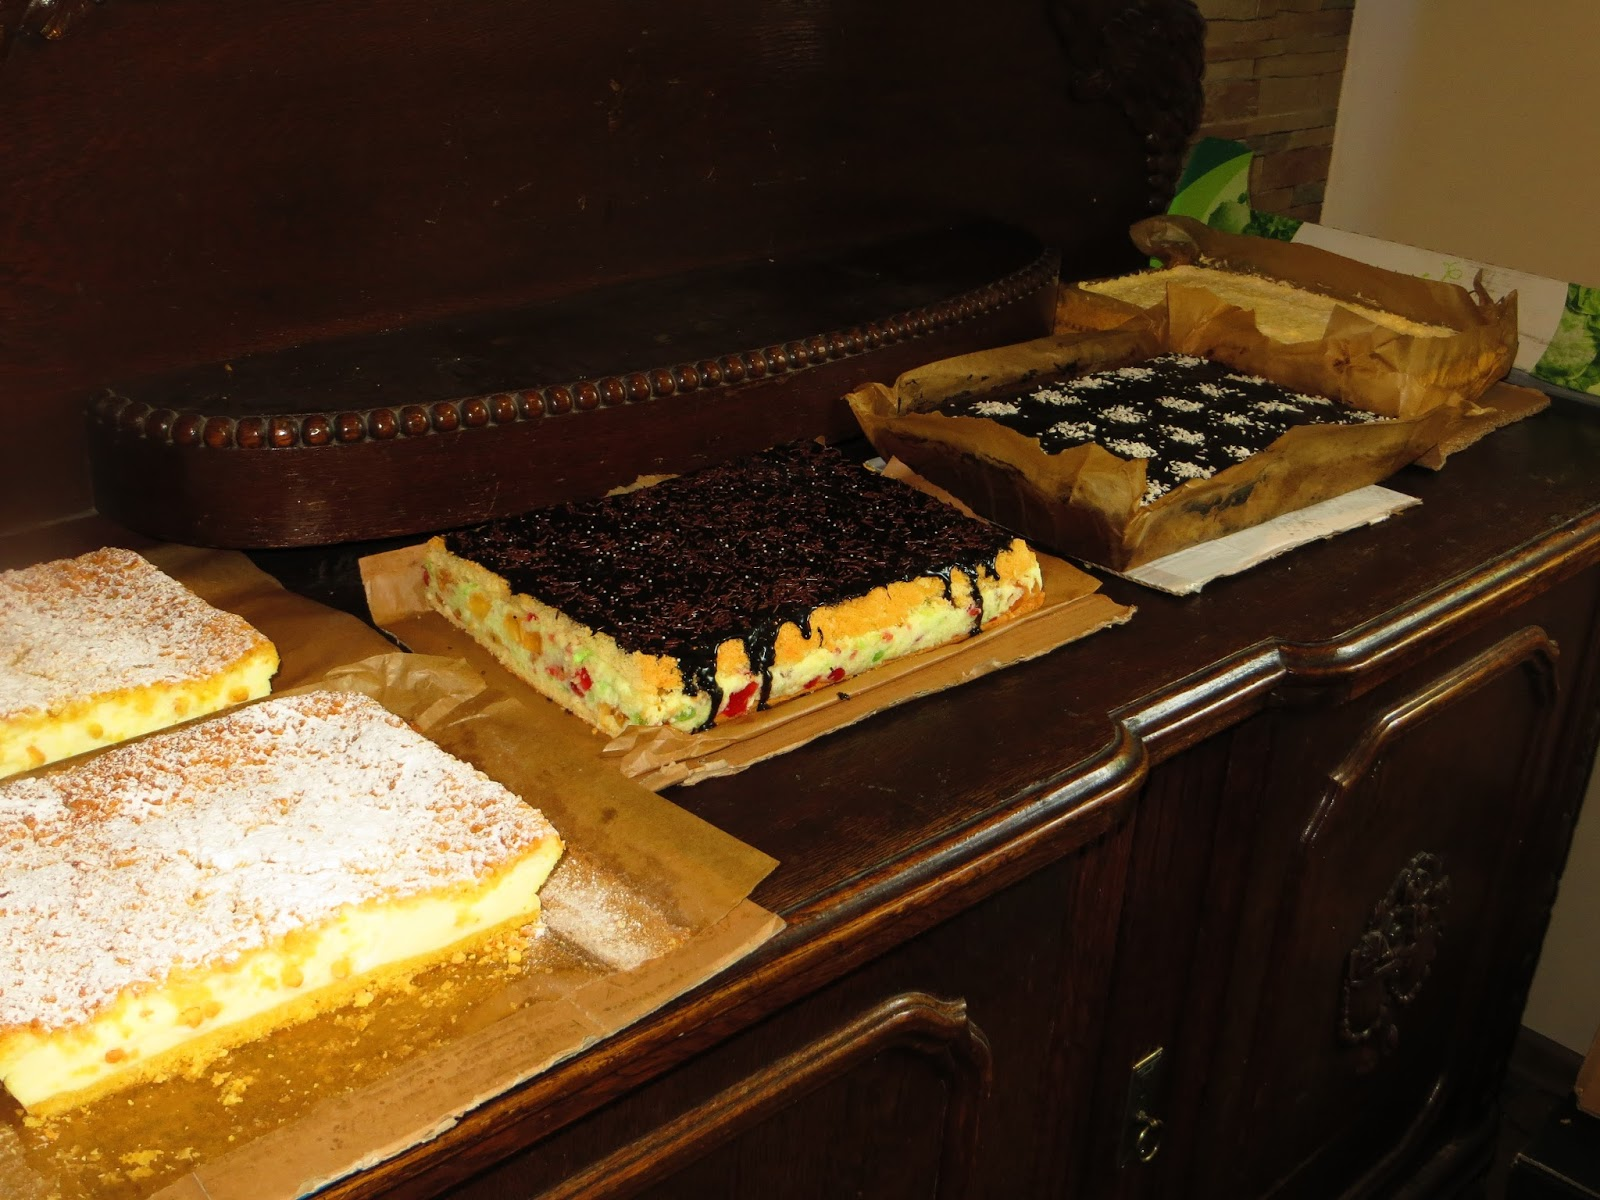 Domowe Ciasta I Obiady Ciasta Na Komunie Wesele